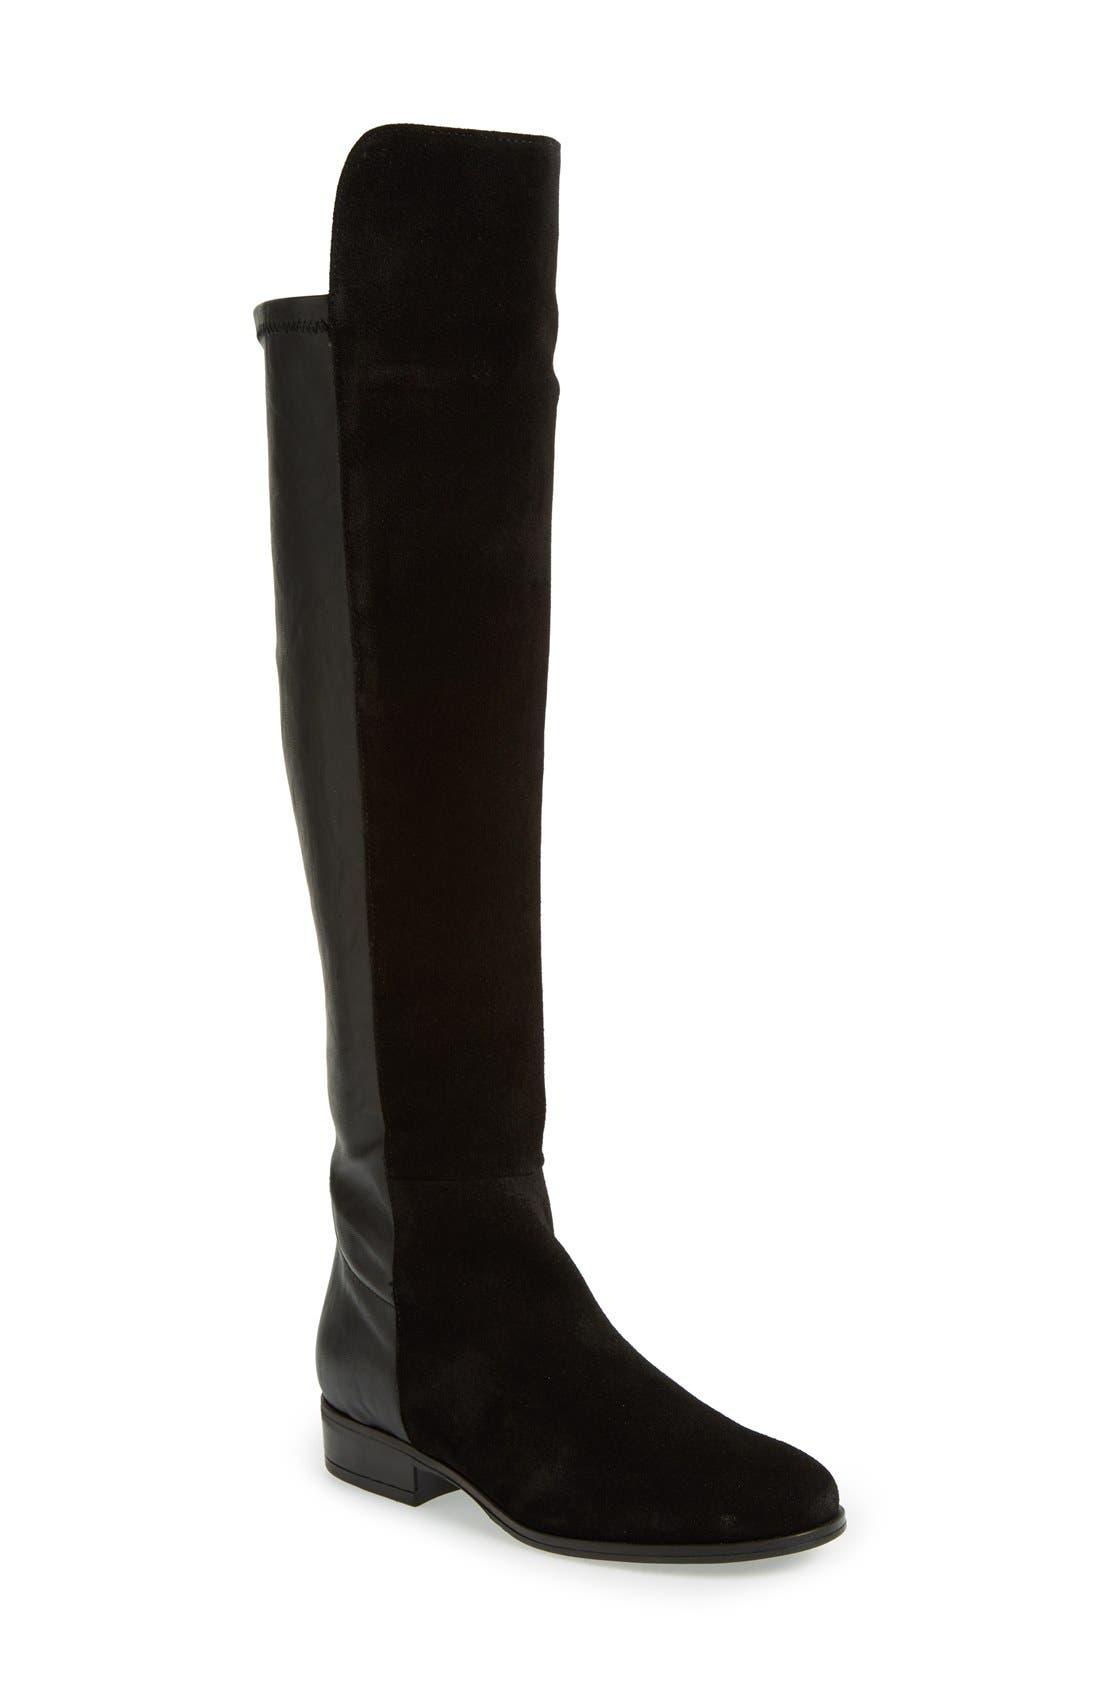 Main Image - Dune London 'Trish' Over the Knee Boot (Women)